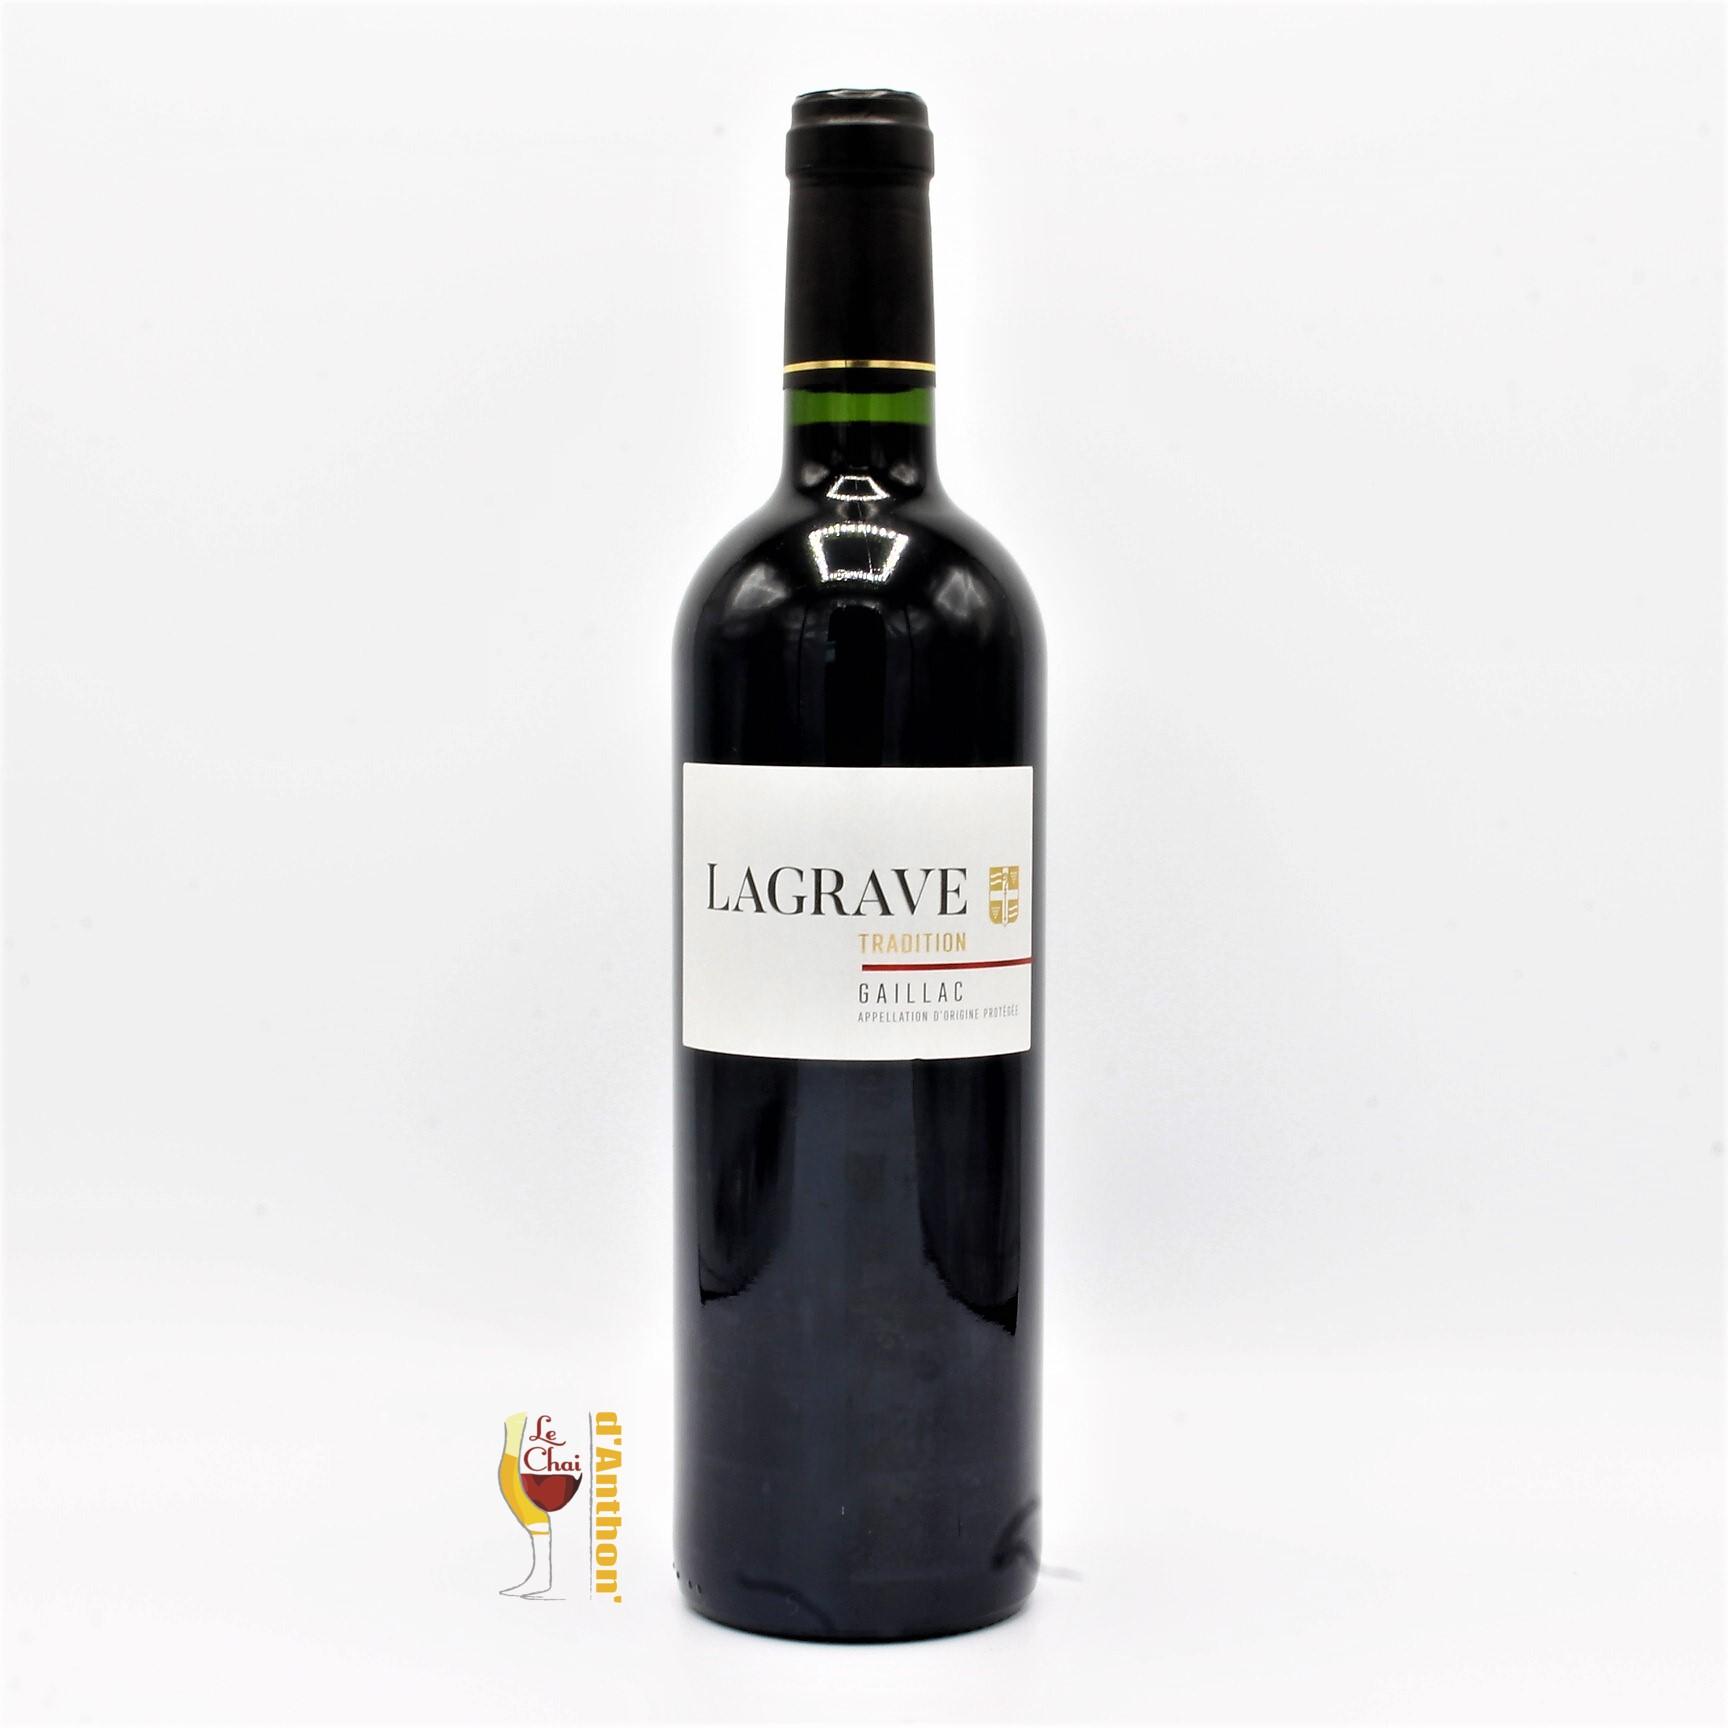 Vin Bouteille Rouge Sud Ouest Gaillac Tradition Terroir De La Lagrave 75cl